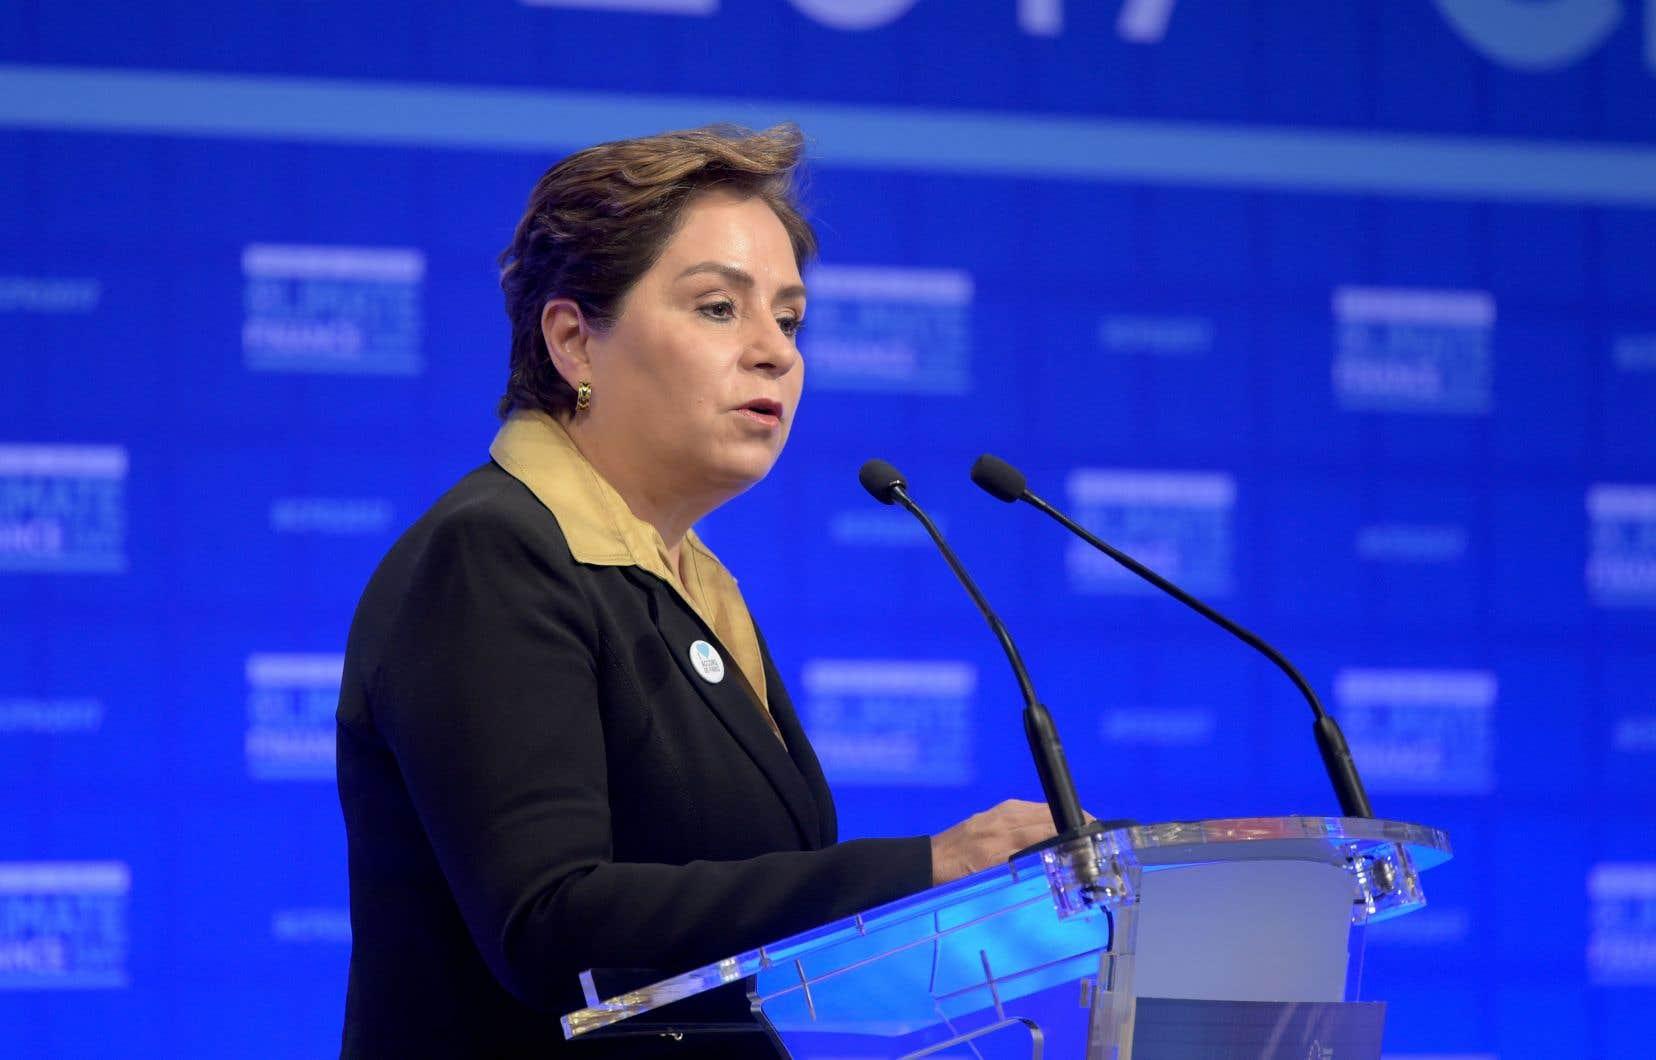 La responsable climat de l'ONU, Patricia Espinosa